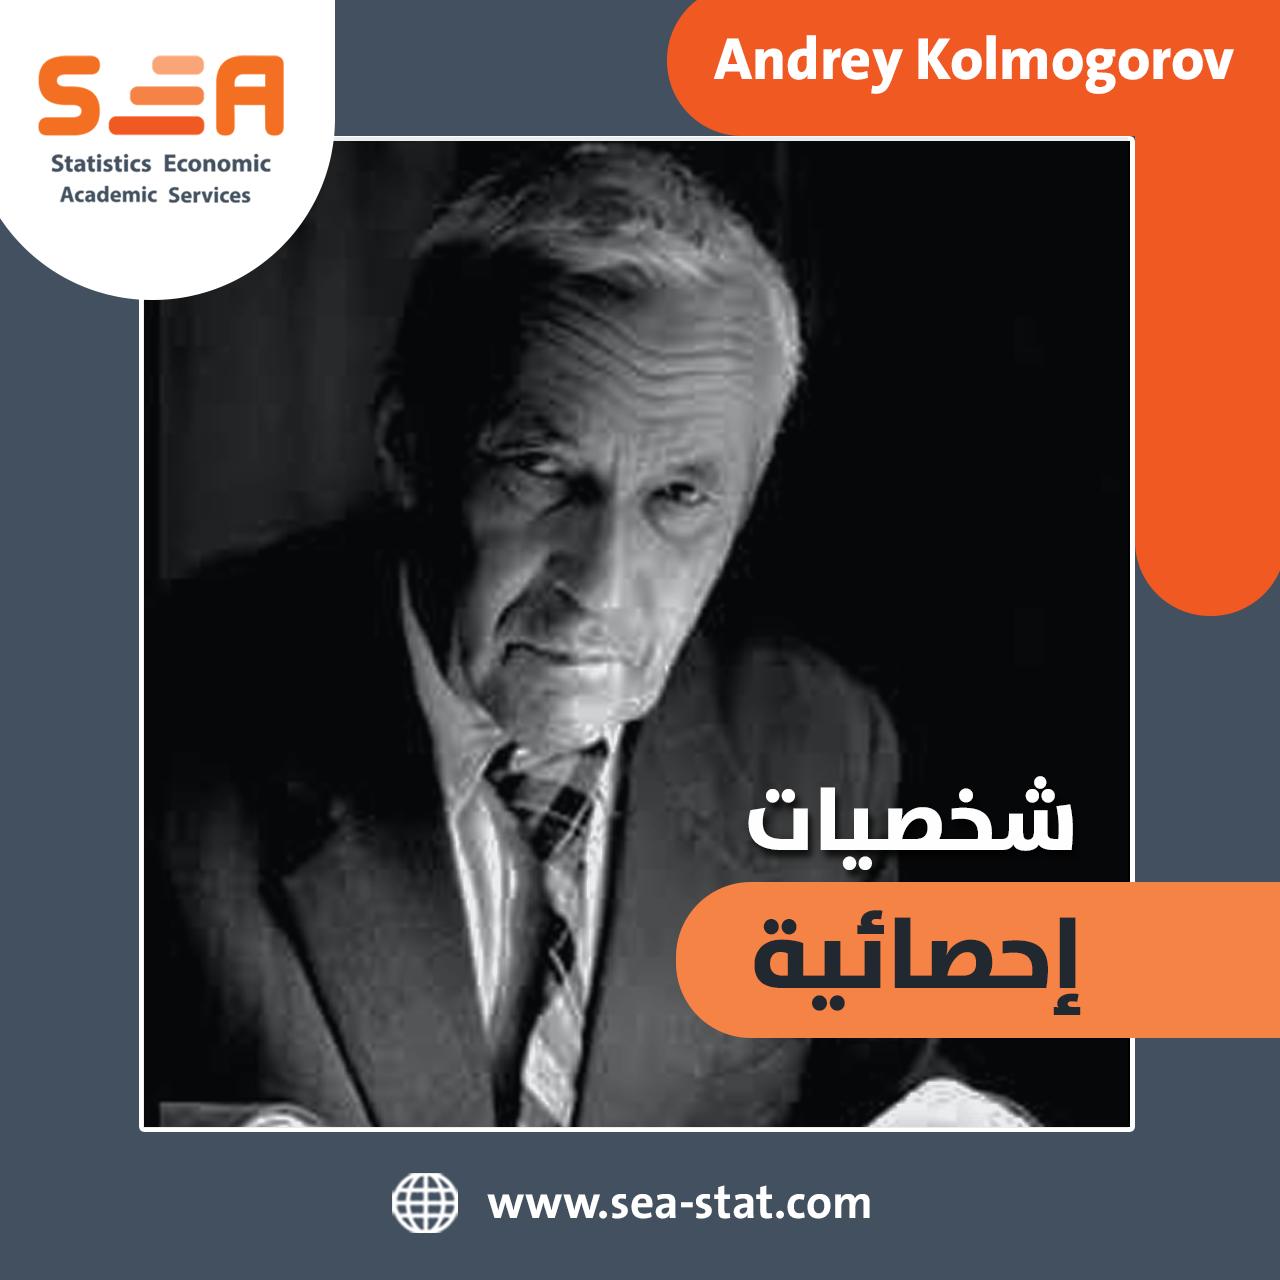 العالم أندريه كولموغروف الذي أوجد أشهر اختبارات التوزيع الطبيعي